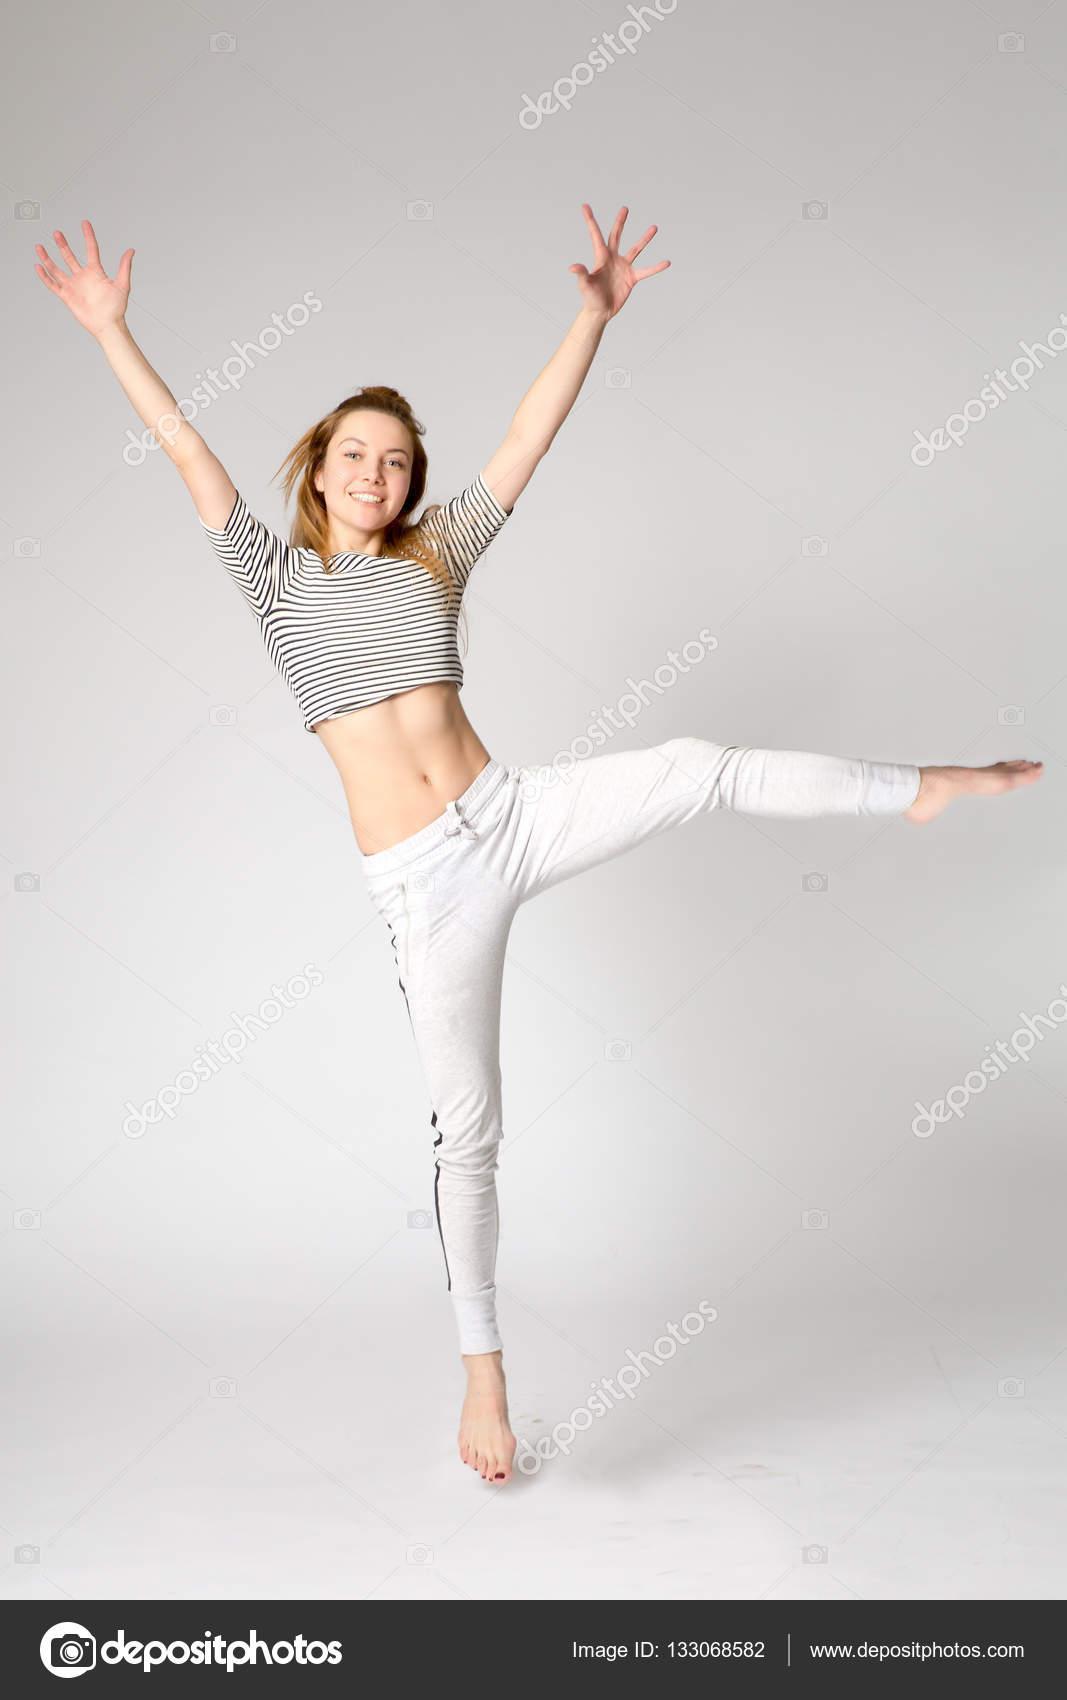 фитнес спорт девушка в спортивной одежды танцы хип хоп прыгать вверх